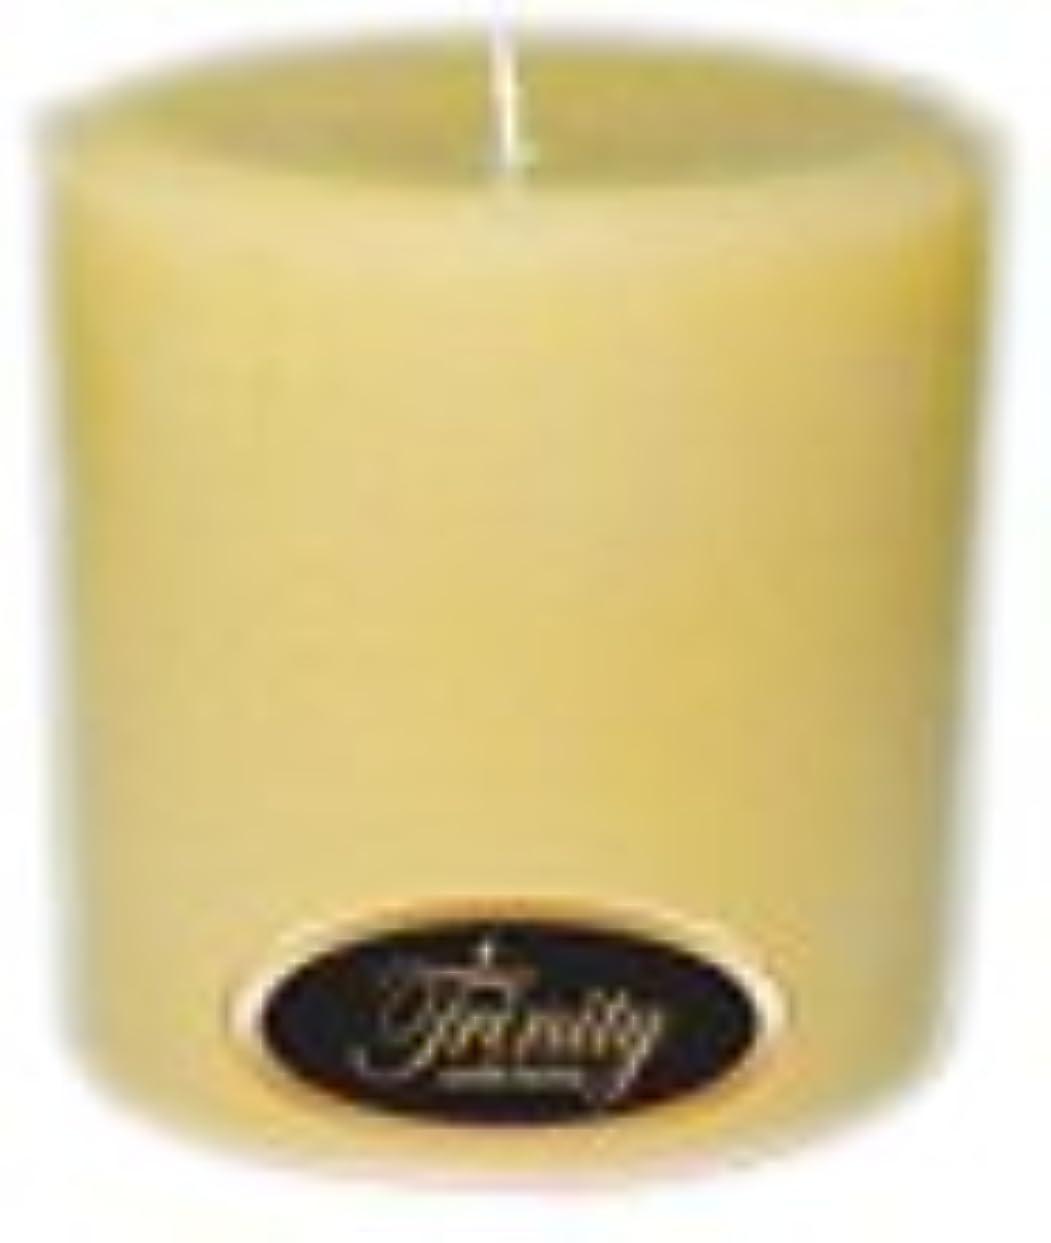 故障中バイオレット呪いTrinity Candle工場 – Vanilla Spice – Pillar Candle – 4 x 4